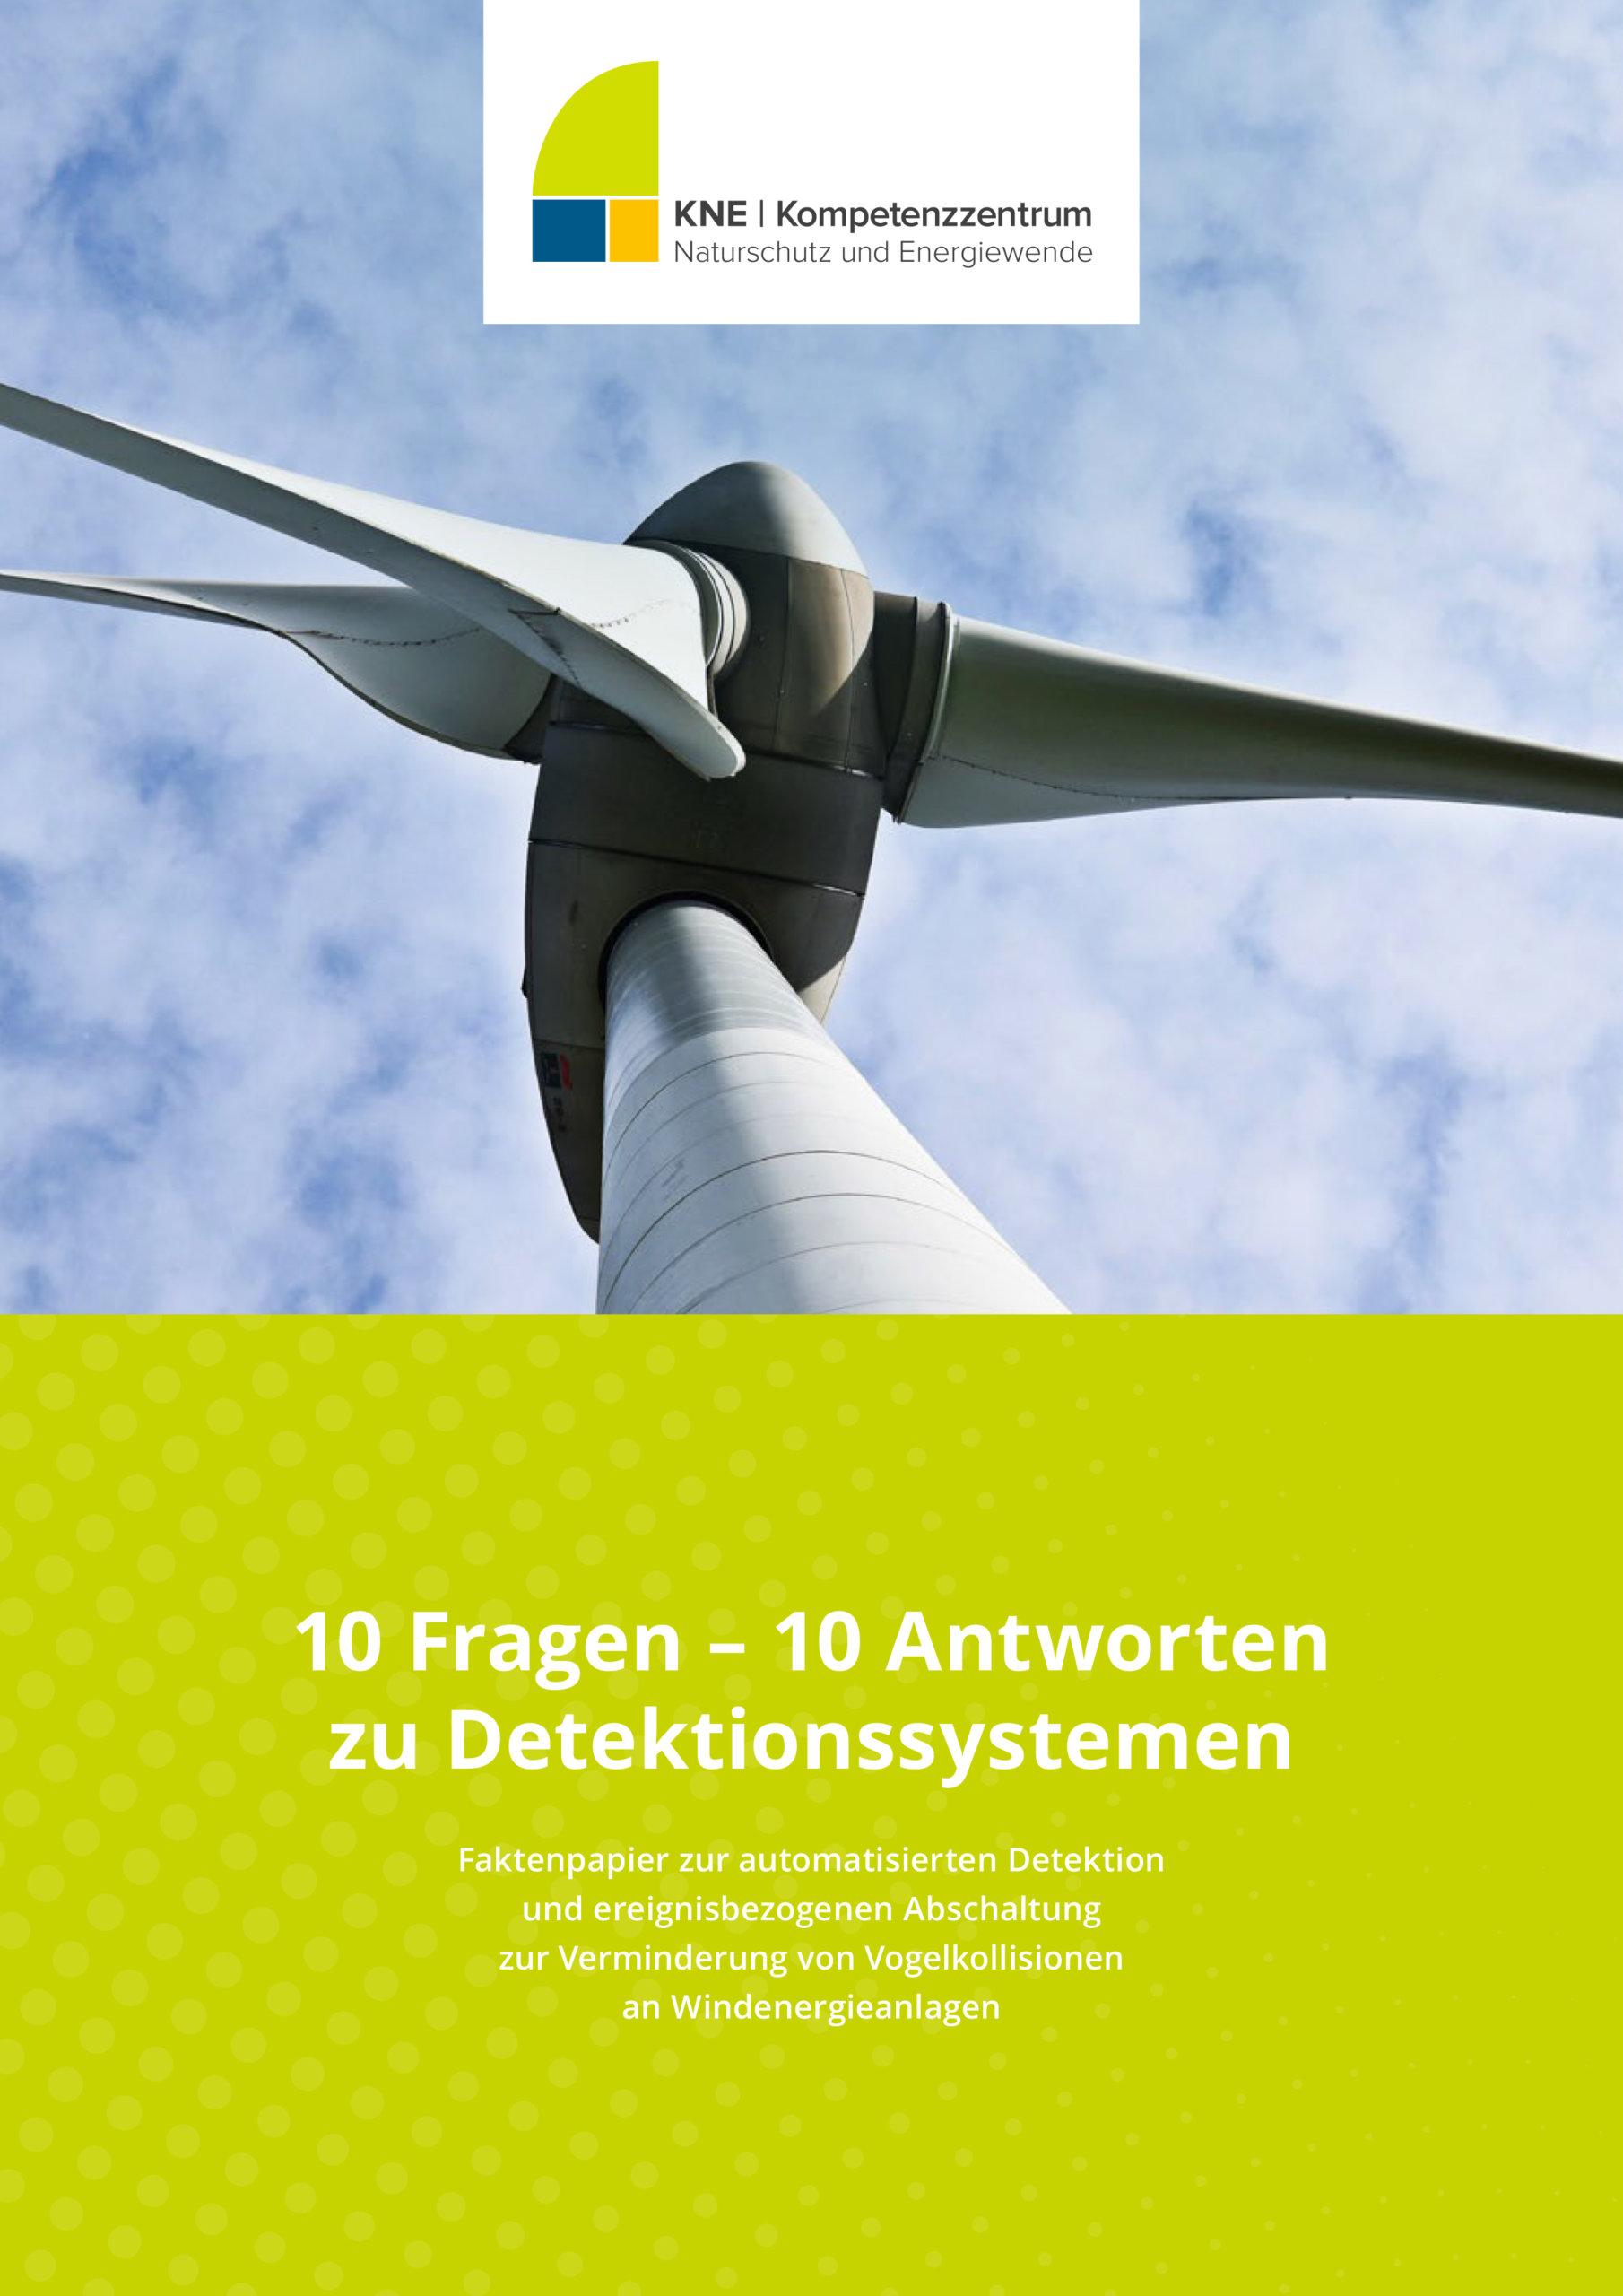 Titelbild der Publikation mit Windenergieanlage und Titel